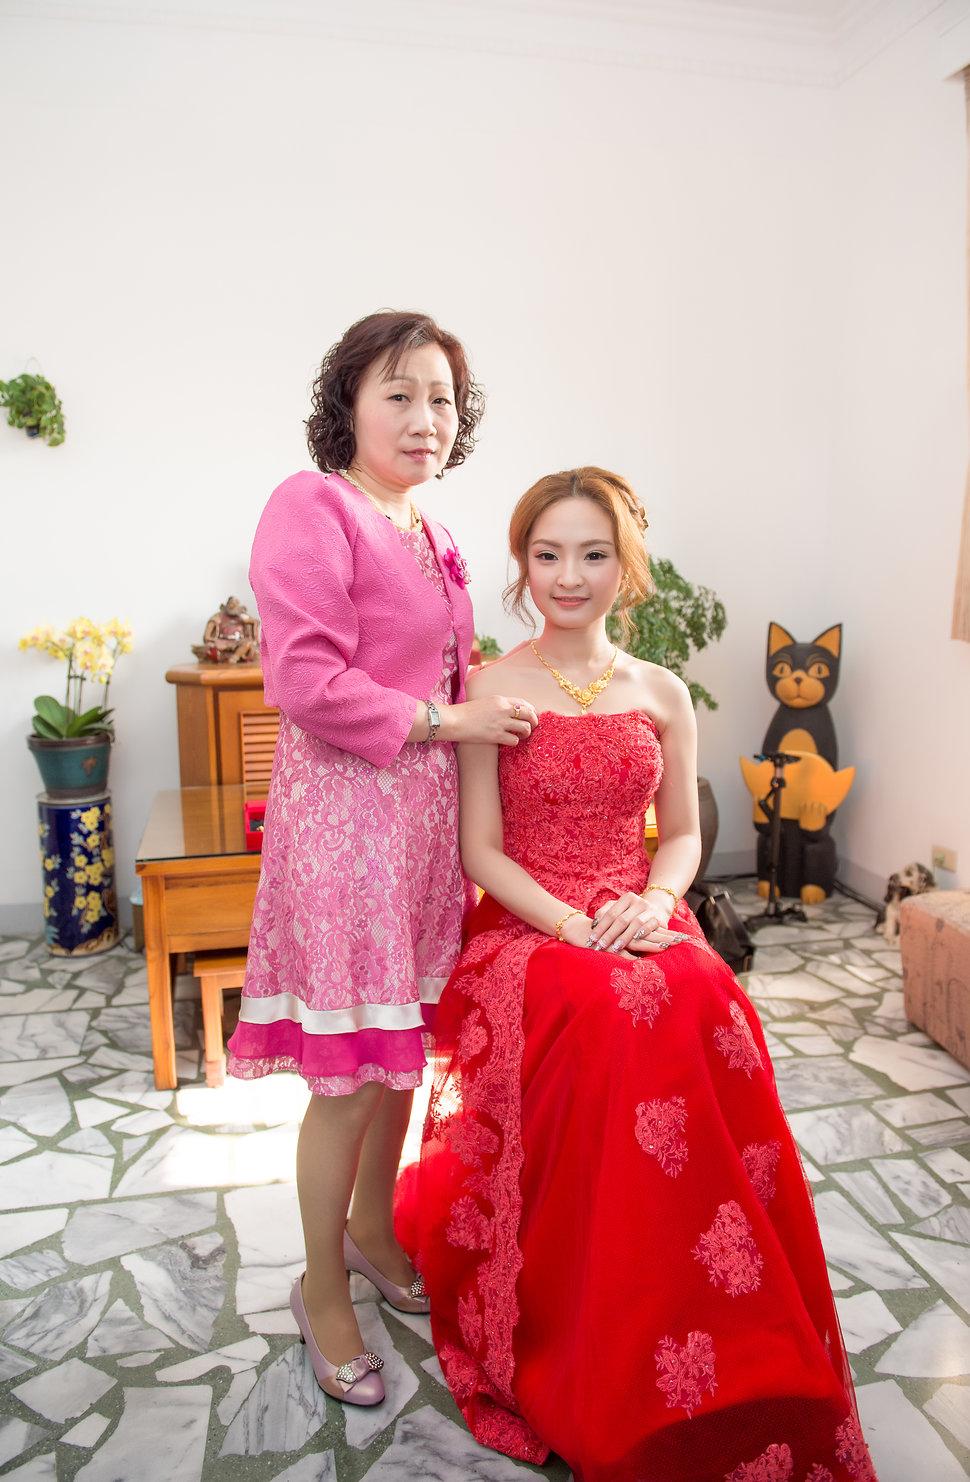 [台北婚攝] 訂婚迎娶儀式@雙岩龍鳳城(編號:432320) - Allen影像團隊 Love Story - 結婚吧